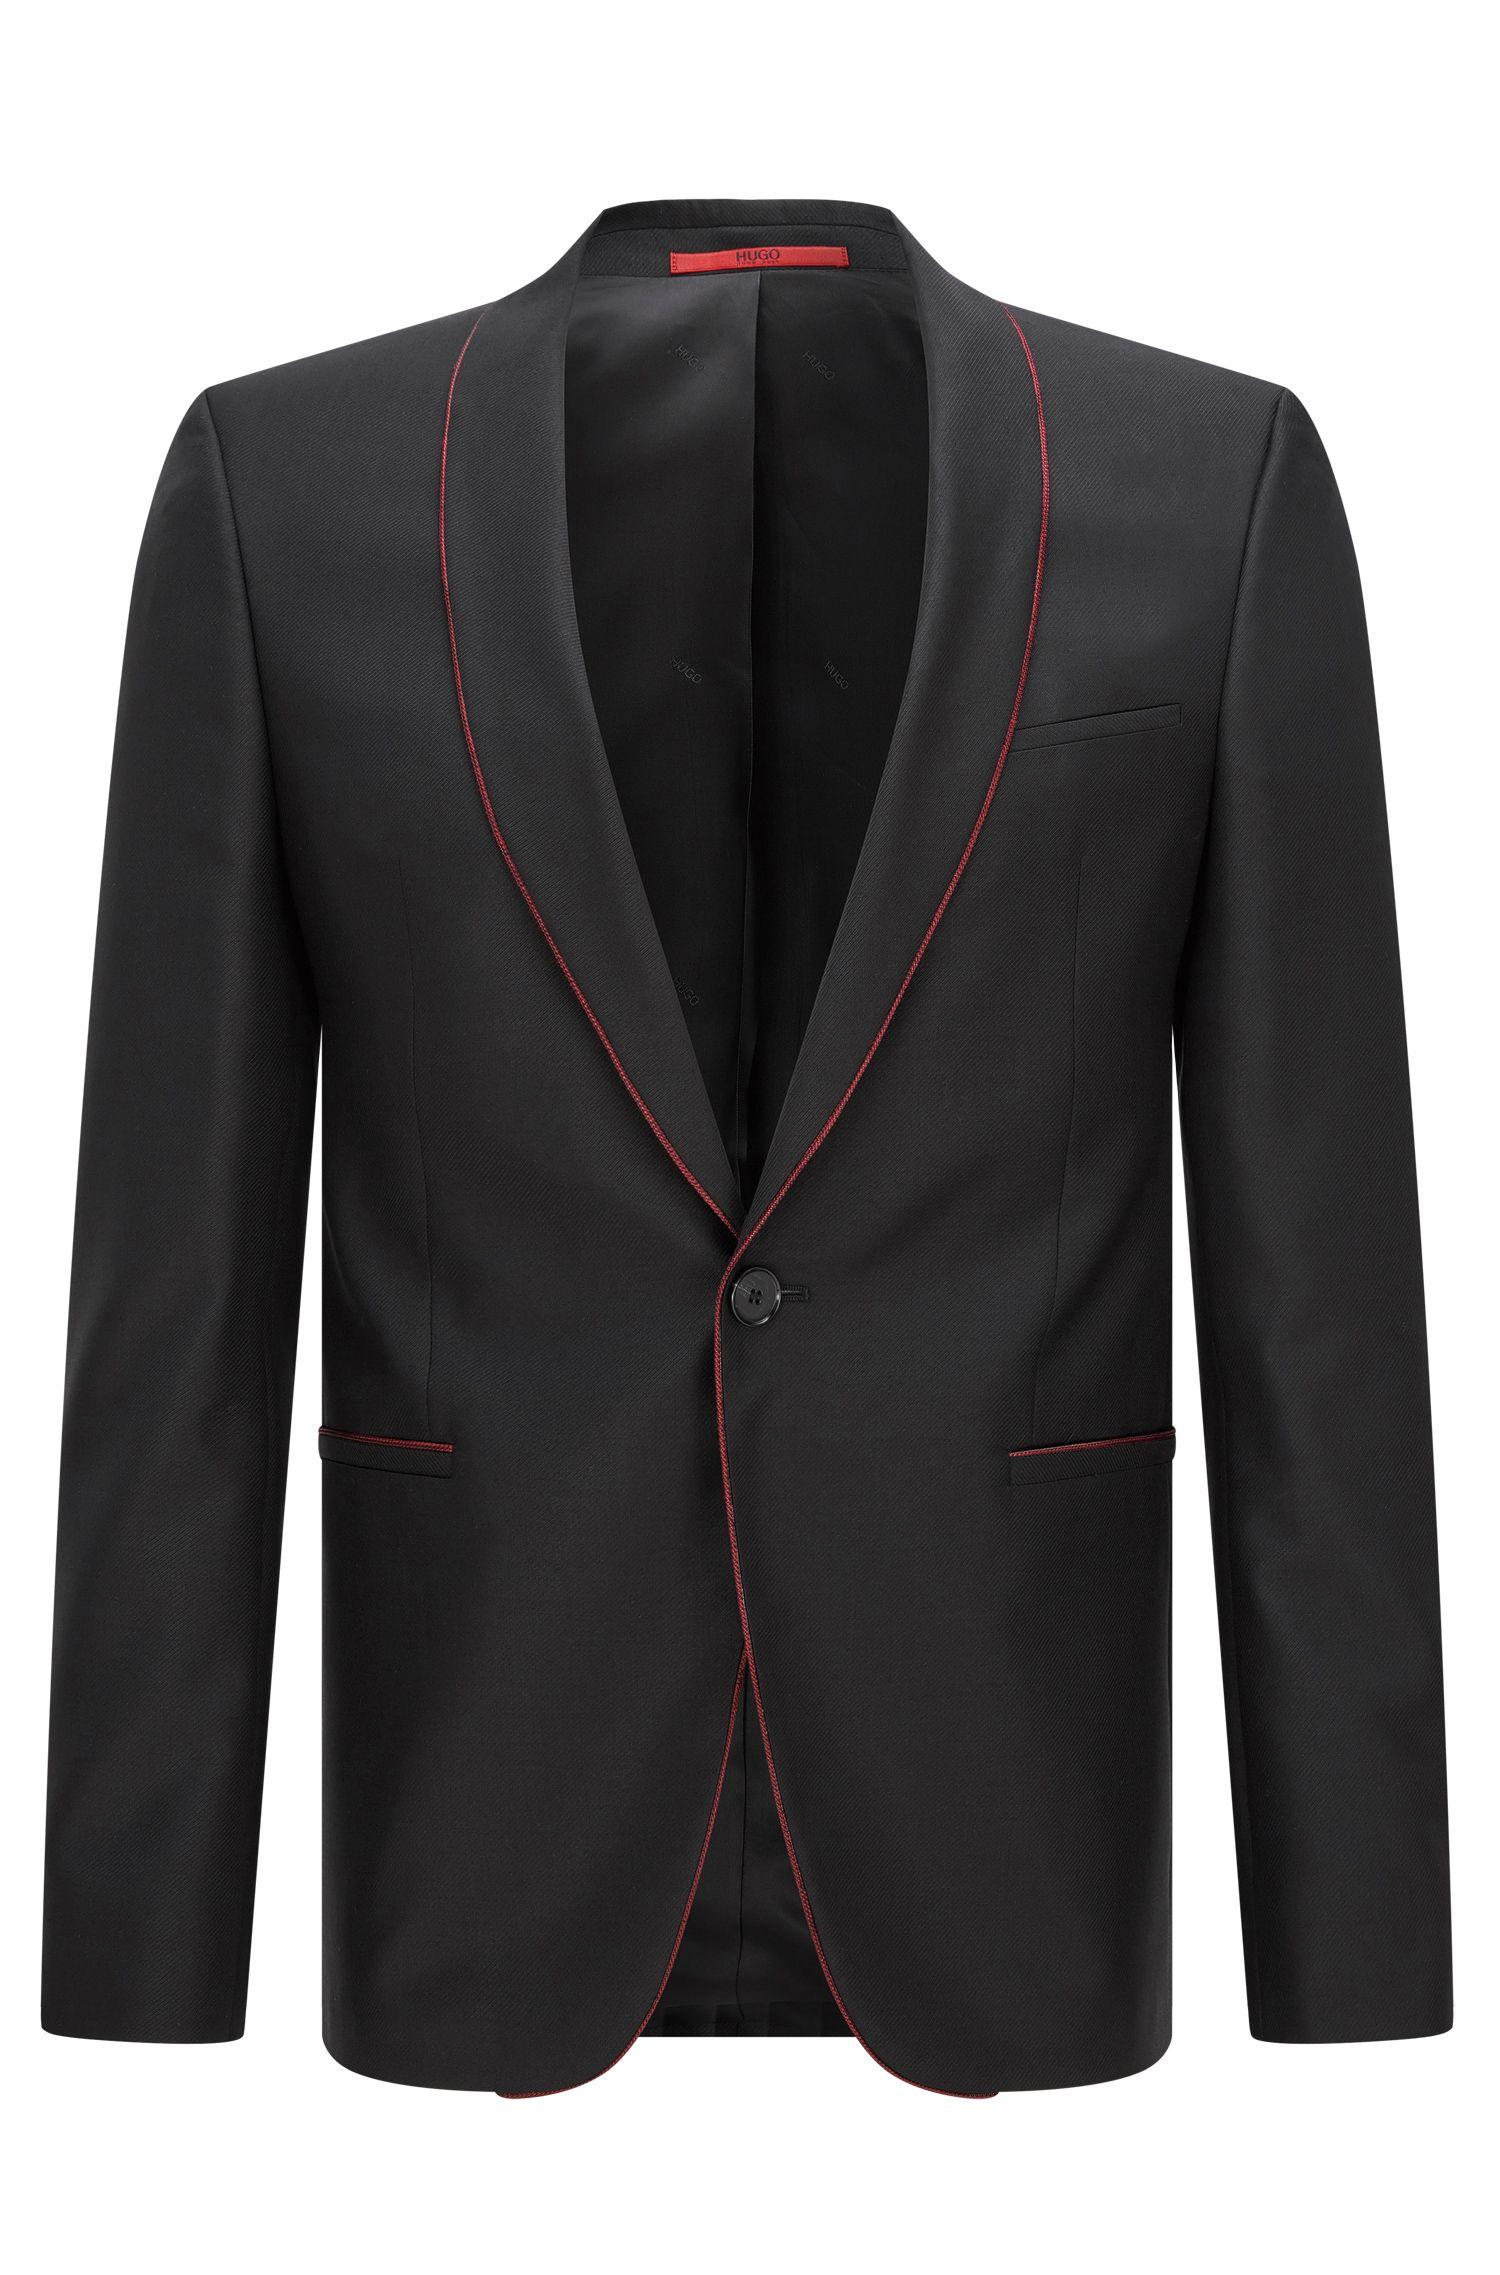 Contrast Virgin Wool Blend Sport Coat, Slim Fit   Arins, Black